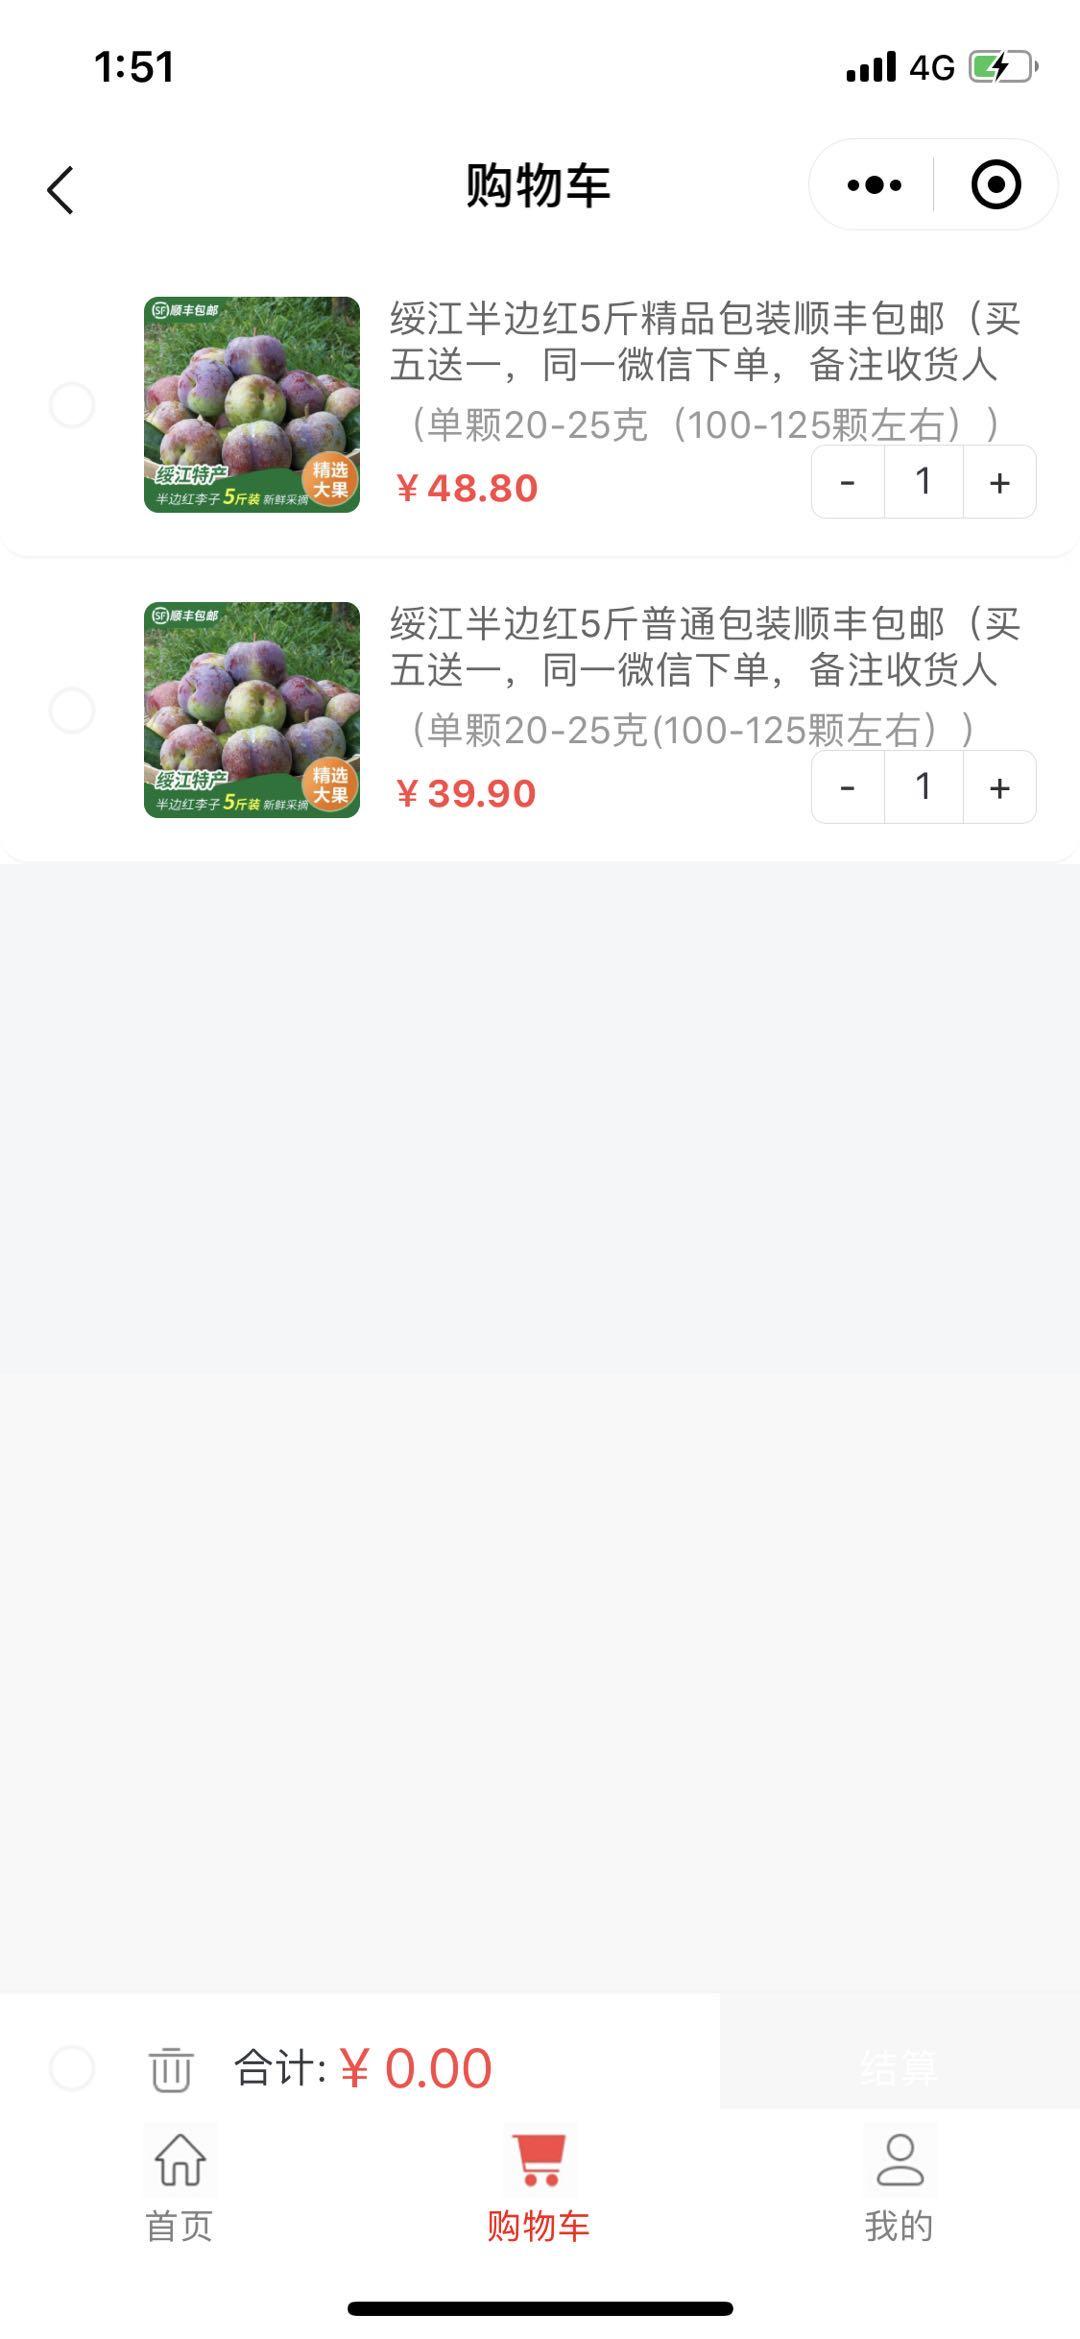 微信壹号农业小程序效果图预览